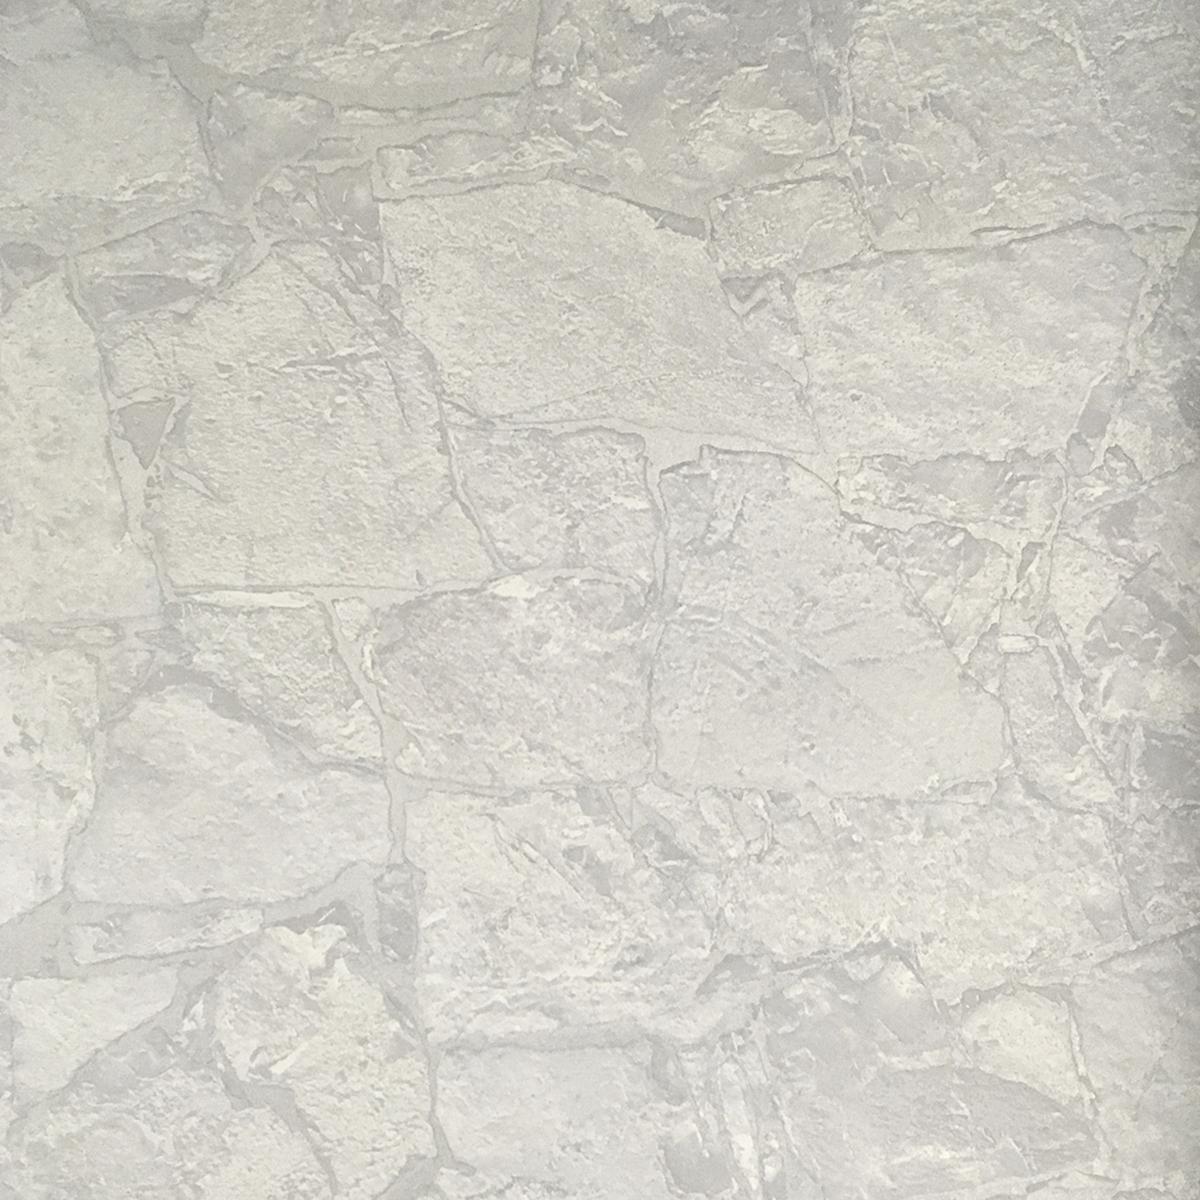 тапет Бестселър 3 камък сиво